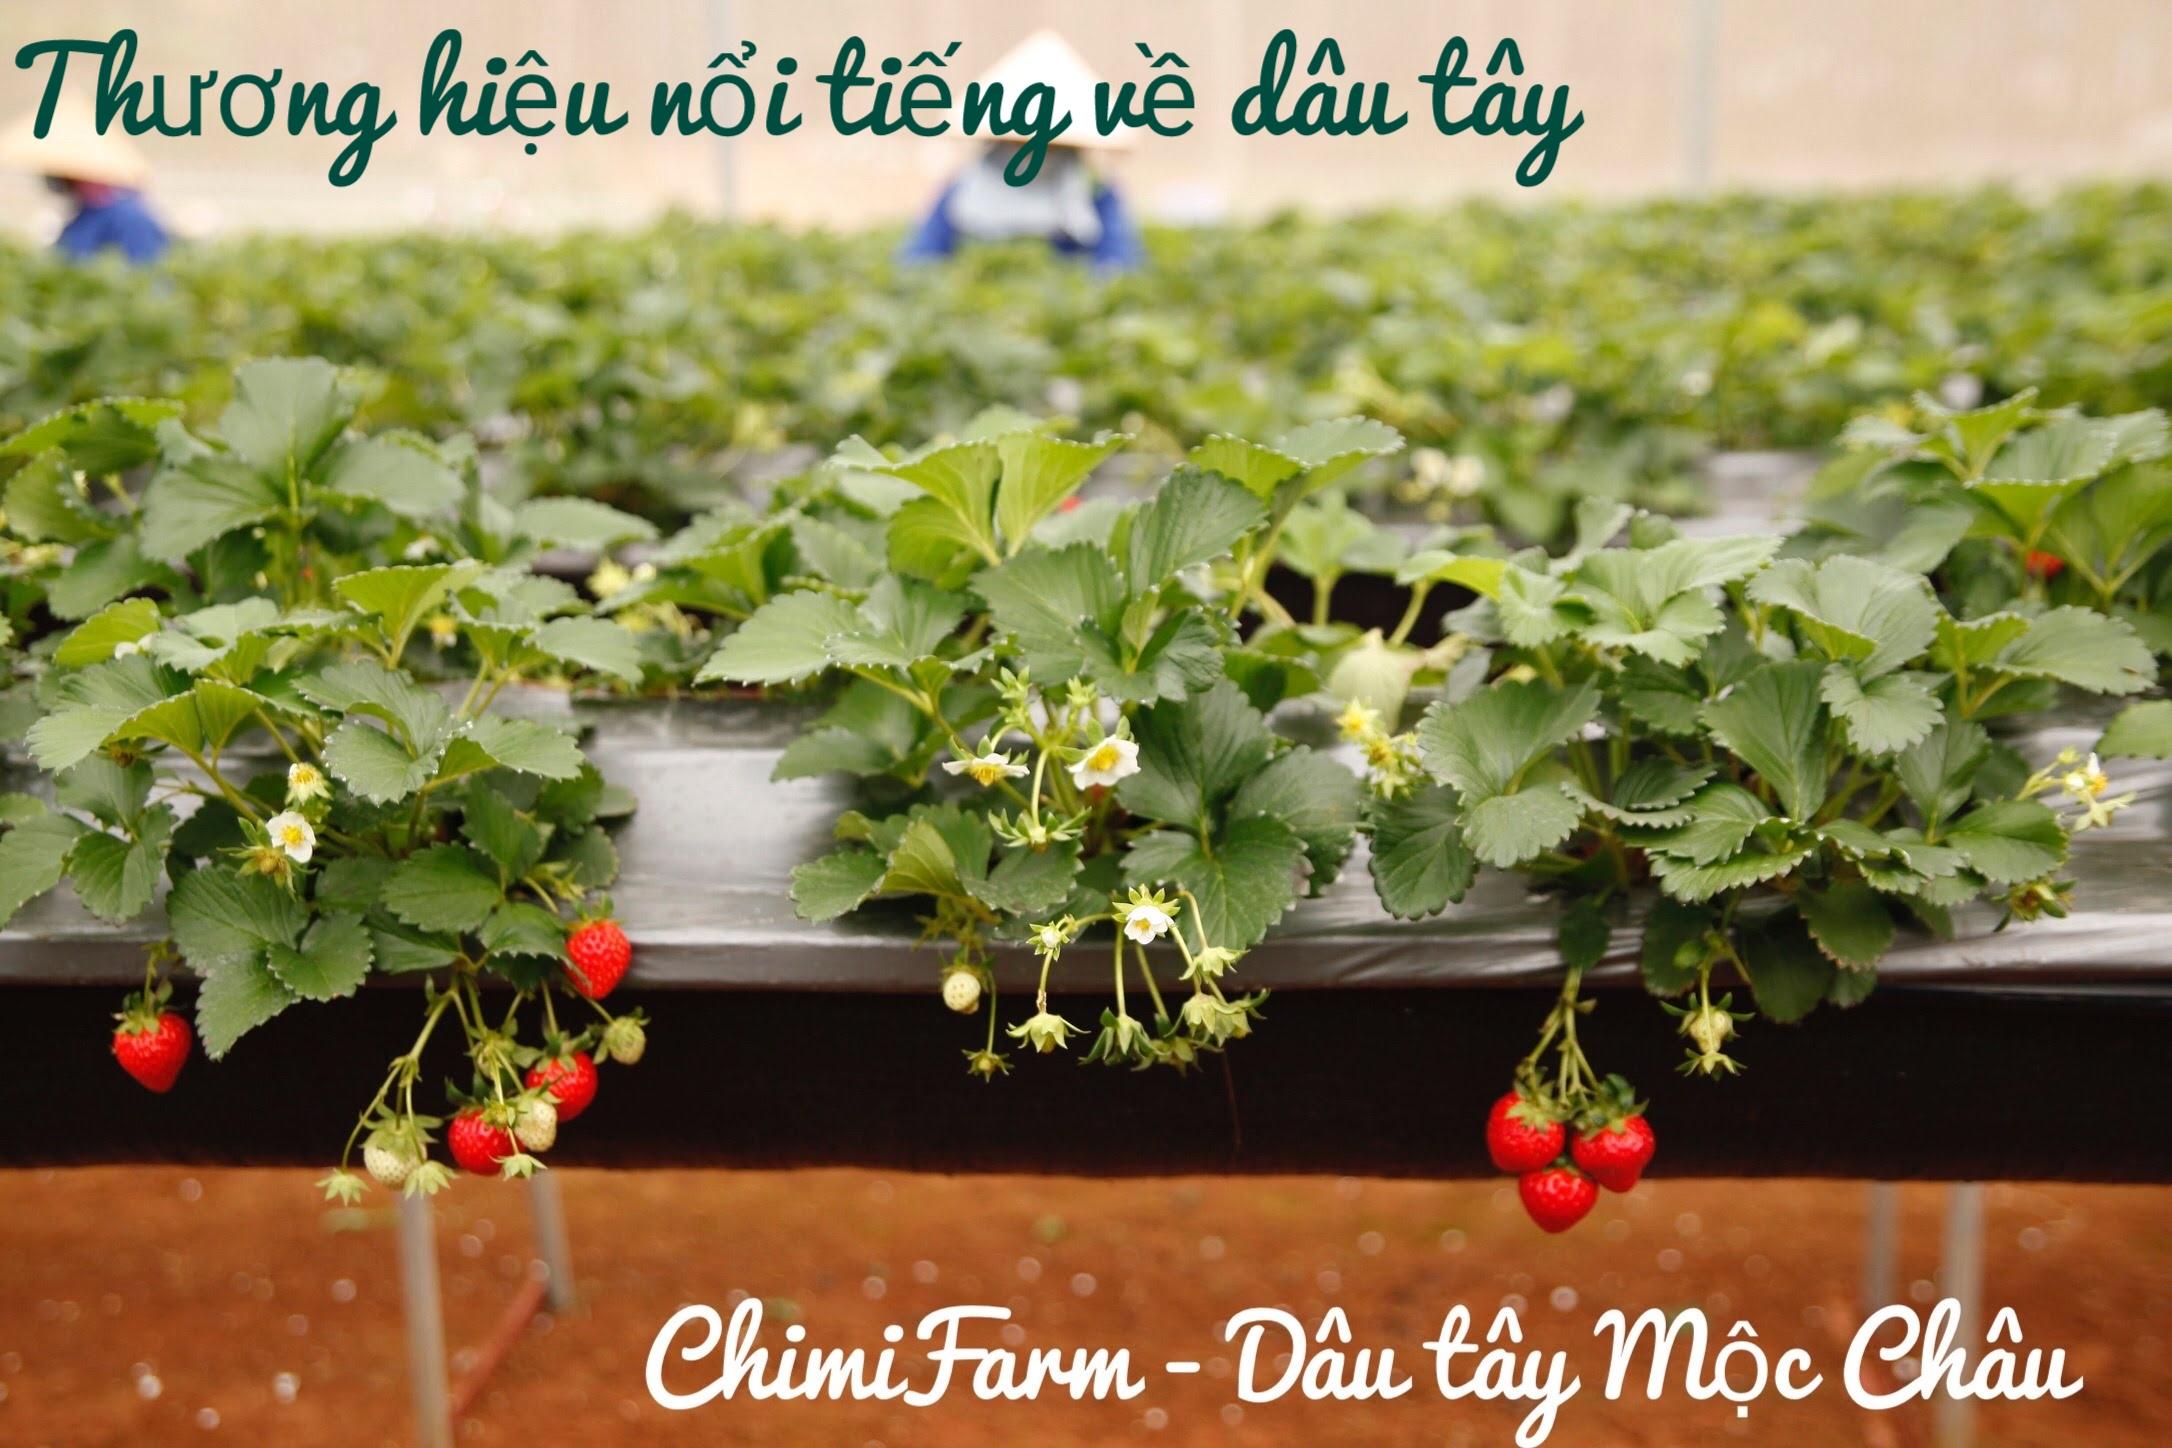 Chimi Farm là thương hiệu nổi tiếng về dâu tây Mộc Châu